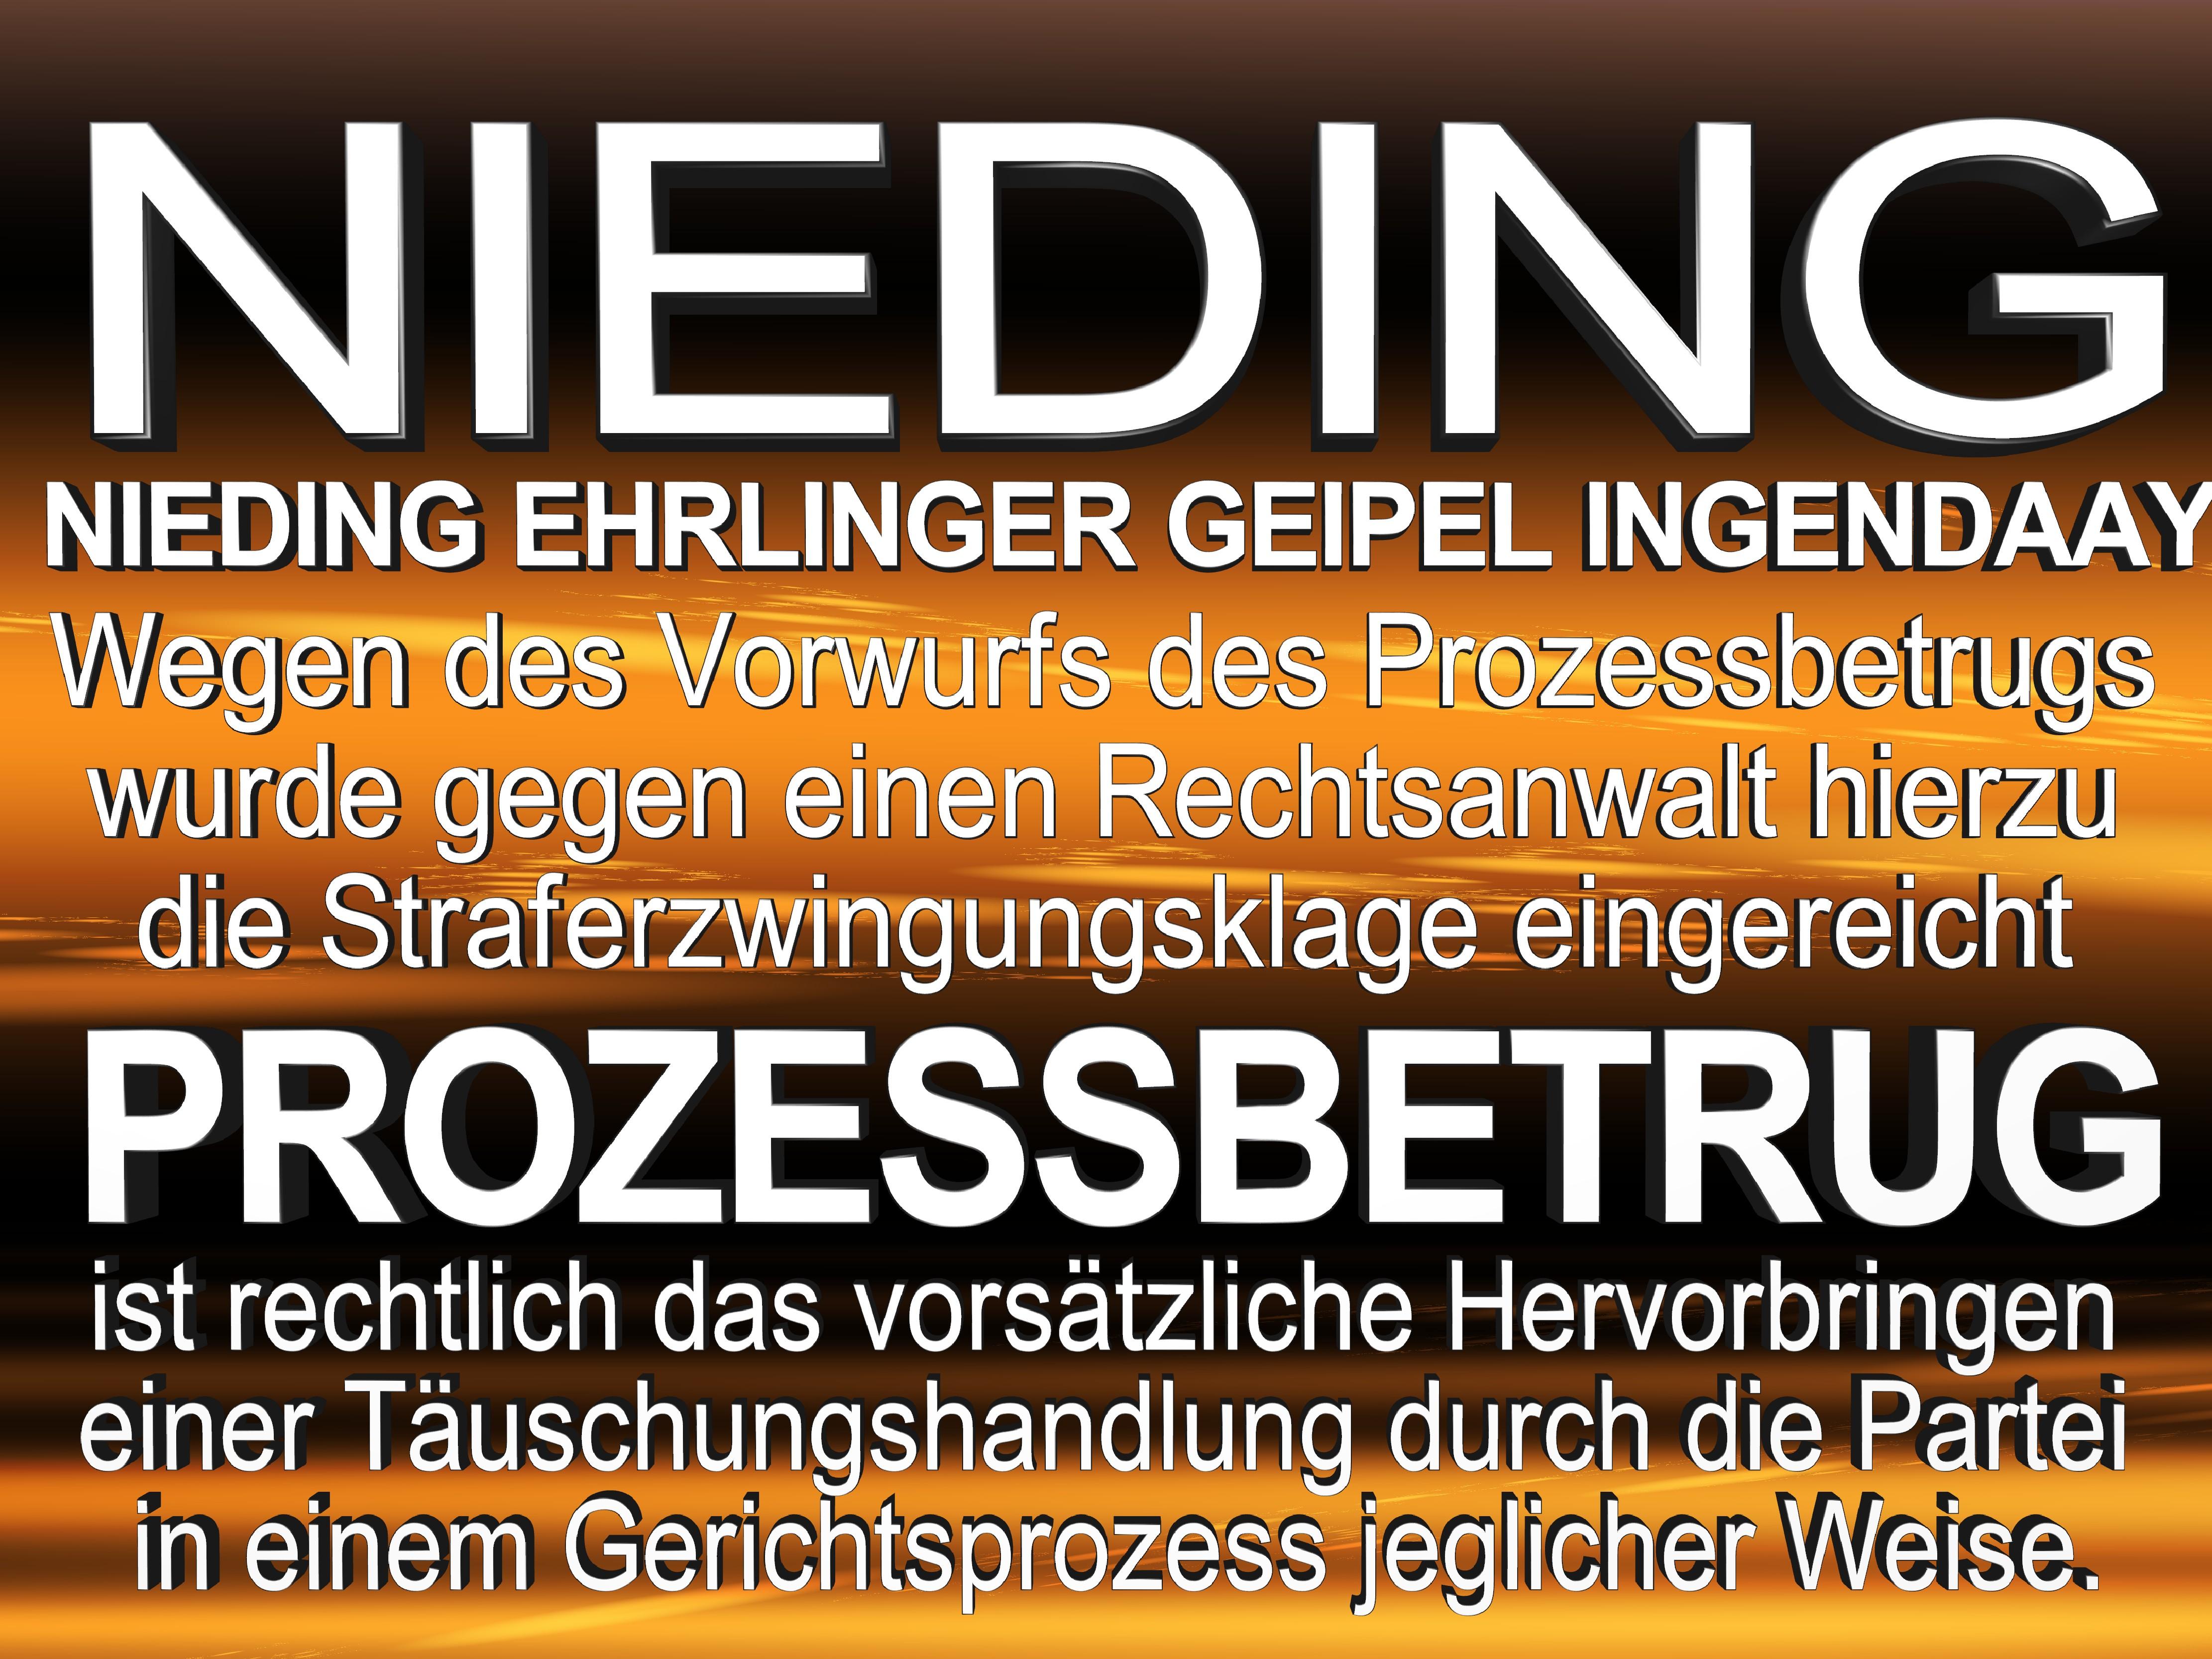 NIEDING EHRLINGER GEIPEL INGENDAAY LELKE Kurfürstendamm 66 Berlin (102)